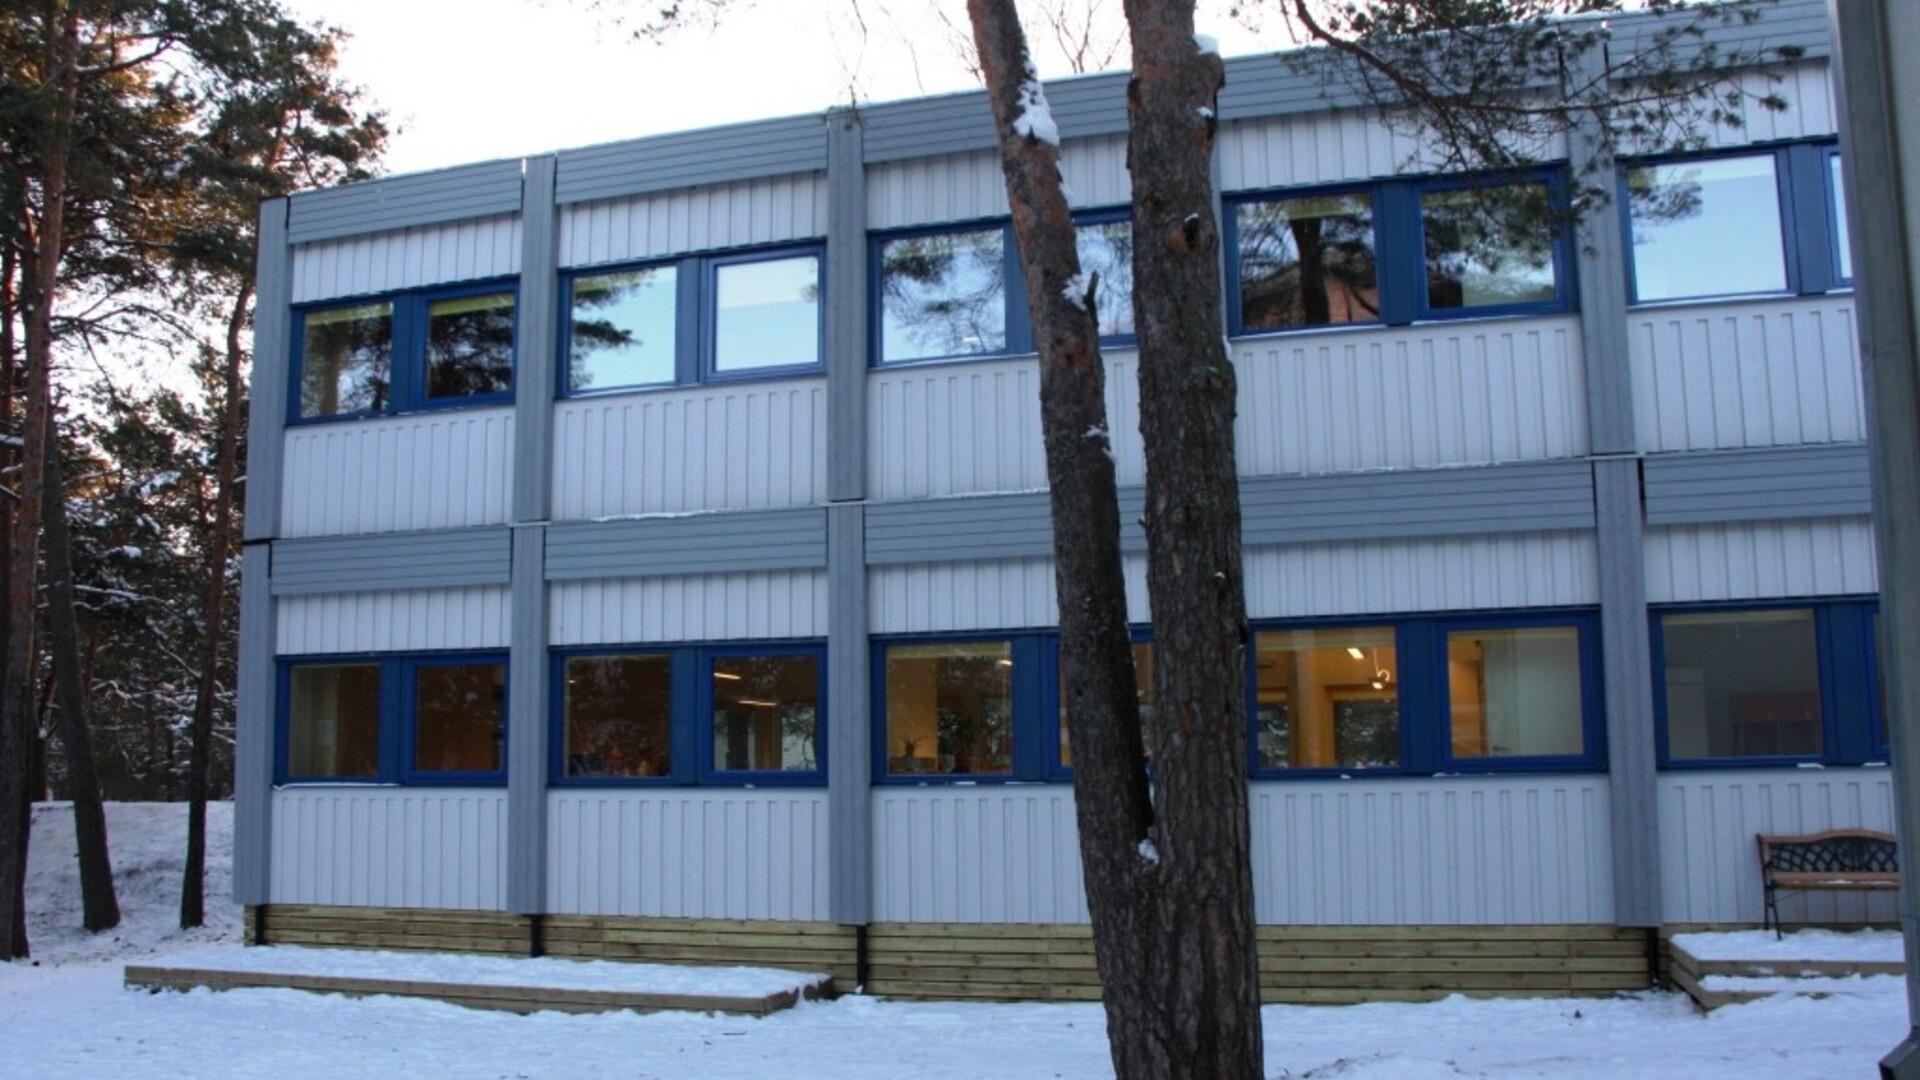 b2fa0837fa5 Tallinn korjab moodullasteaiad kokku, otsib kohapõuale muid lahendusi    Eesti   ERR